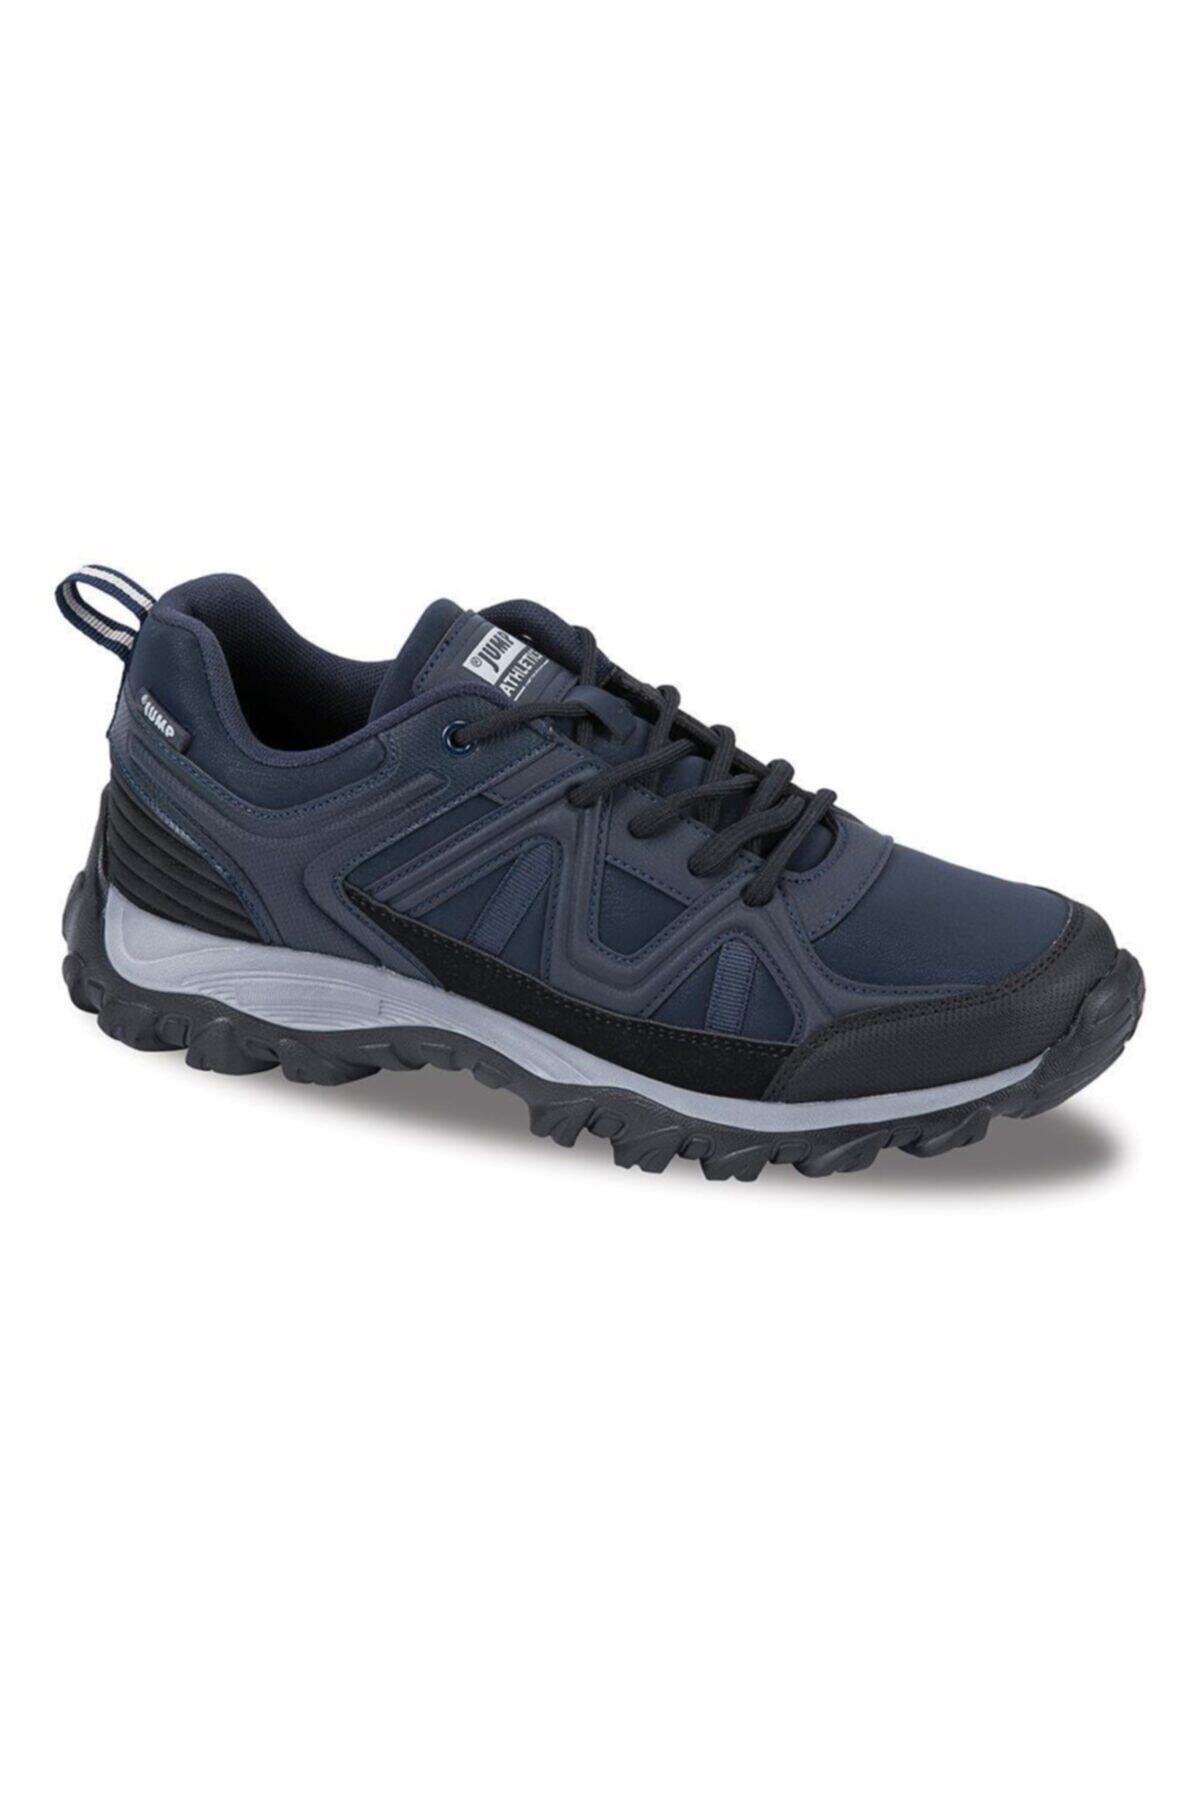 فروش انلاین کفش کوهنوردی مردانه مجلسی برند Jump رنگ لاجوردی کد ty48921303